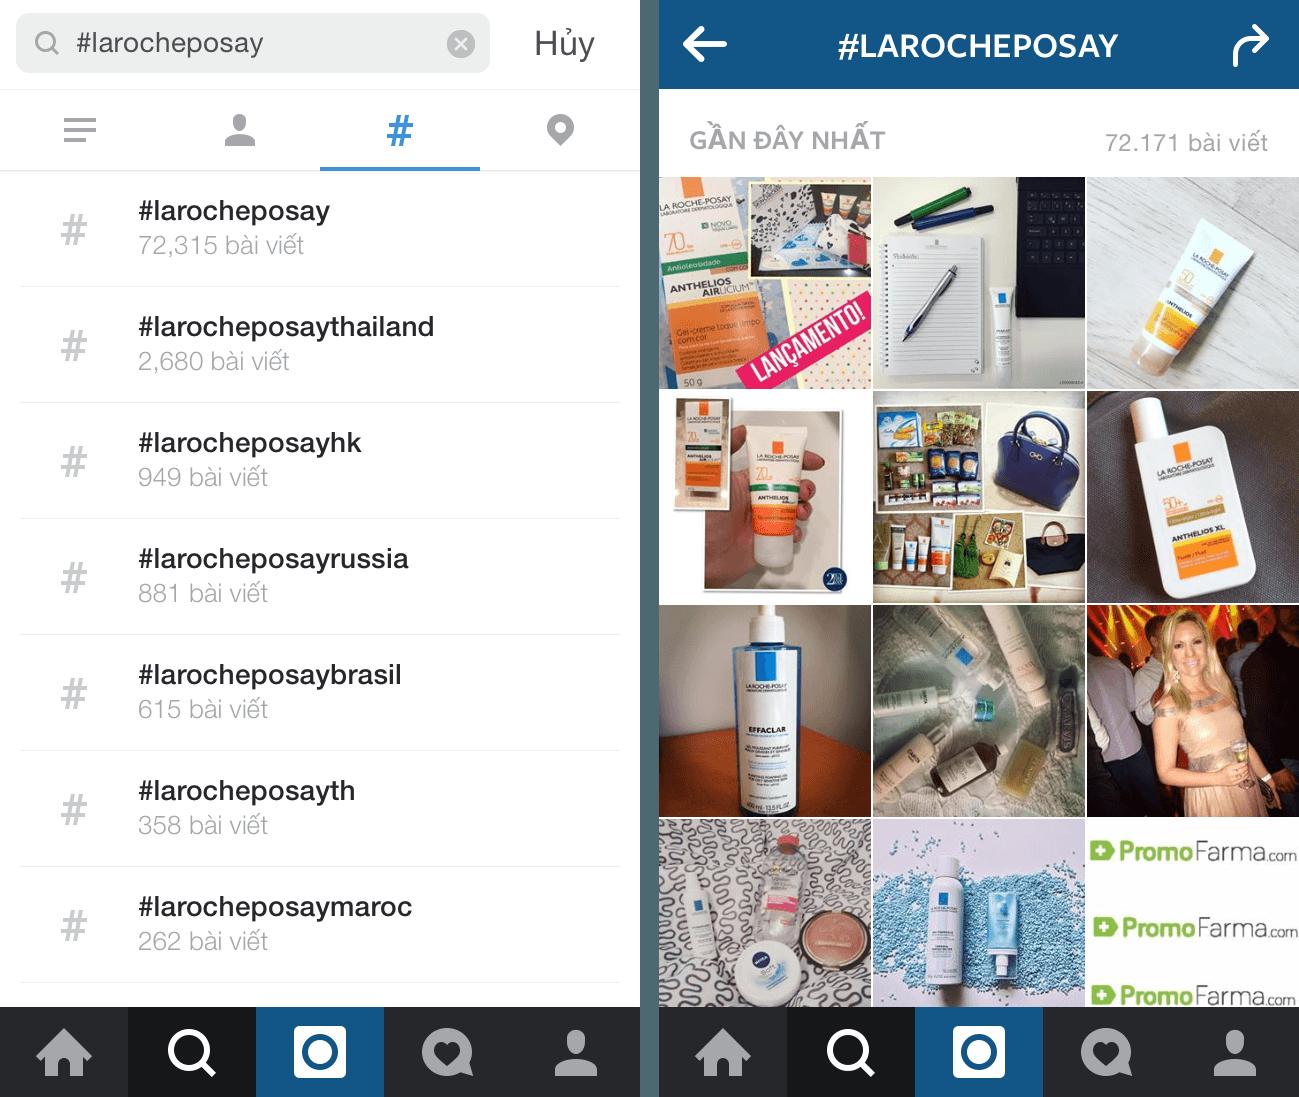 Hashtag là kênh tốt để tiếp cận khách hàng trên Instagram